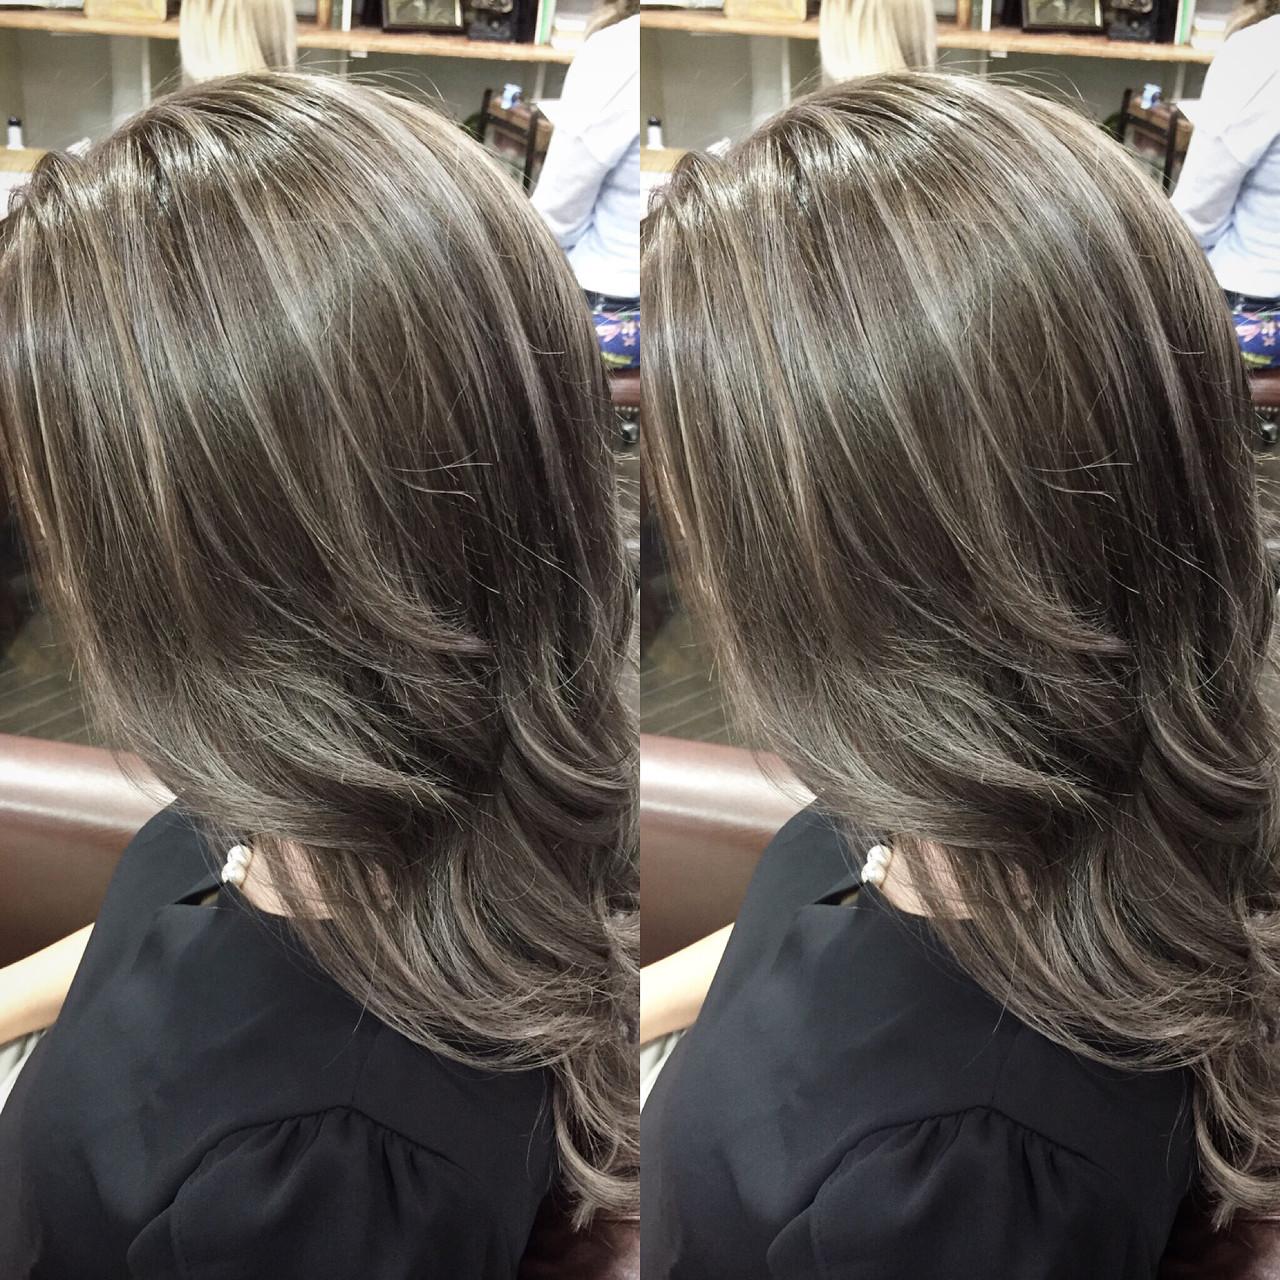 セミロング 外国人風 ハイライト 外国人風カラー ヘアスタイルや髪型の写真・画像